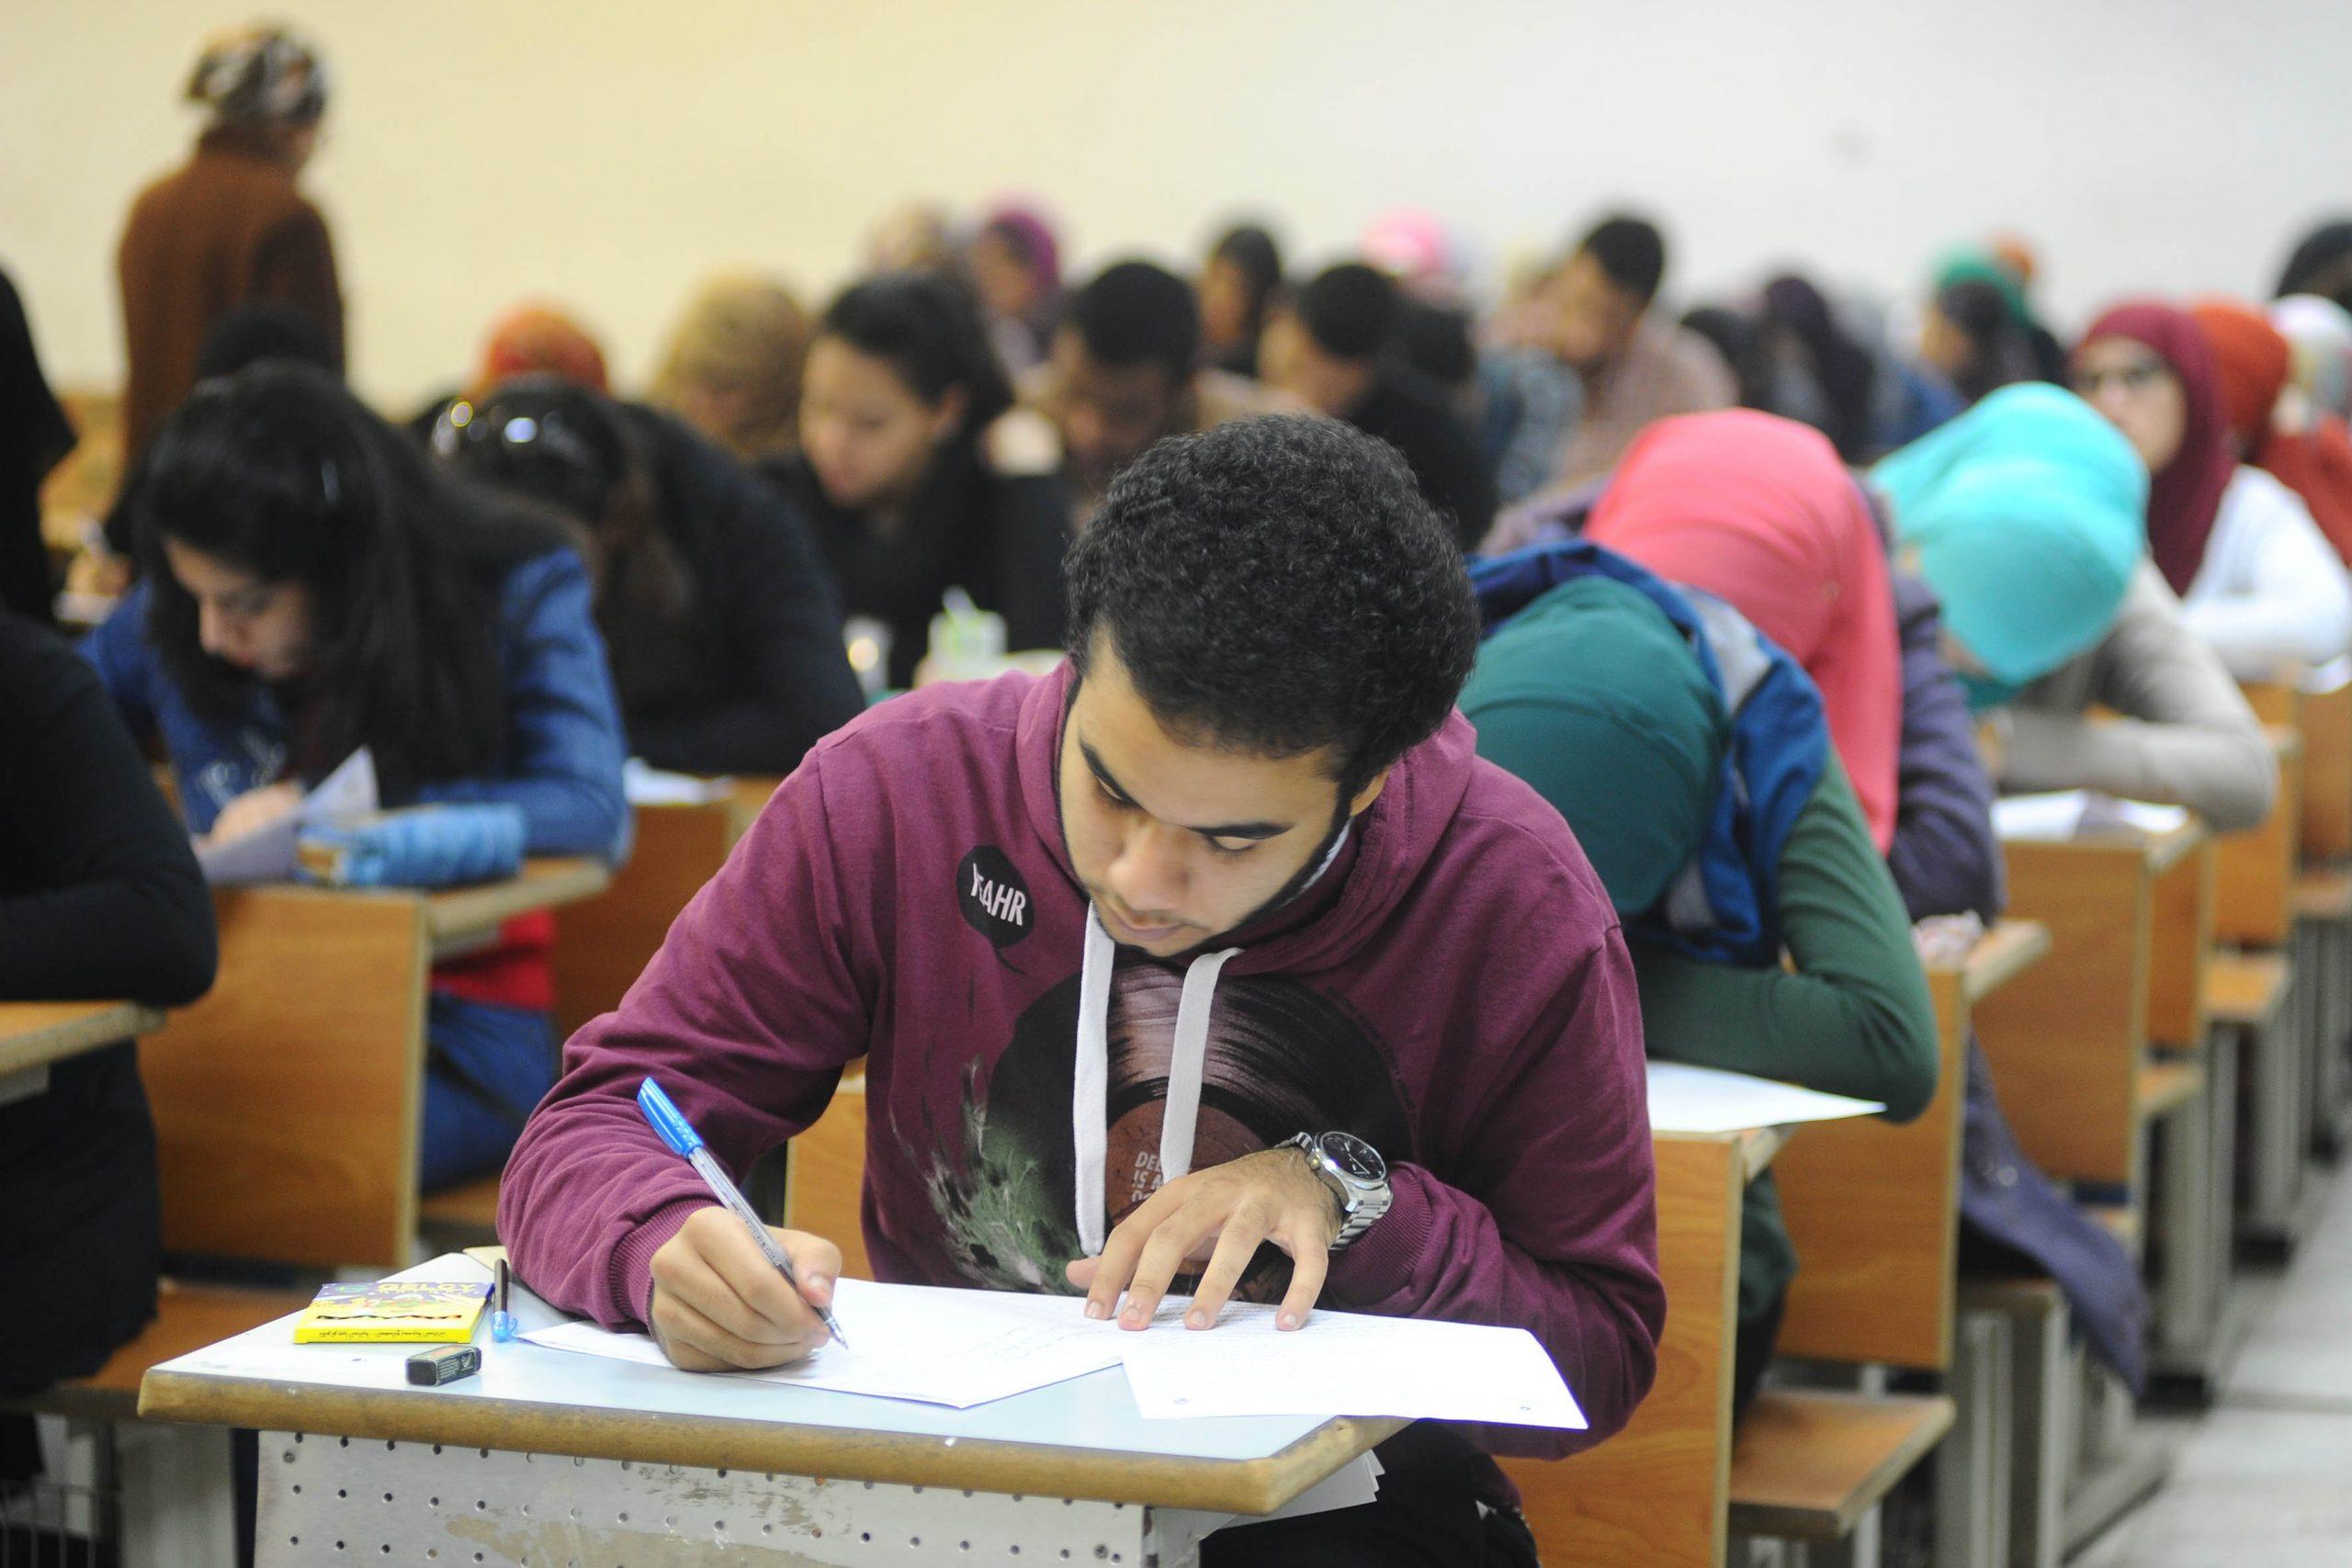 متحدث التعليم العالي.. تأجيل الإمتحانات لنهاية العام ودمج الفصلين الدراسيين وارد 2